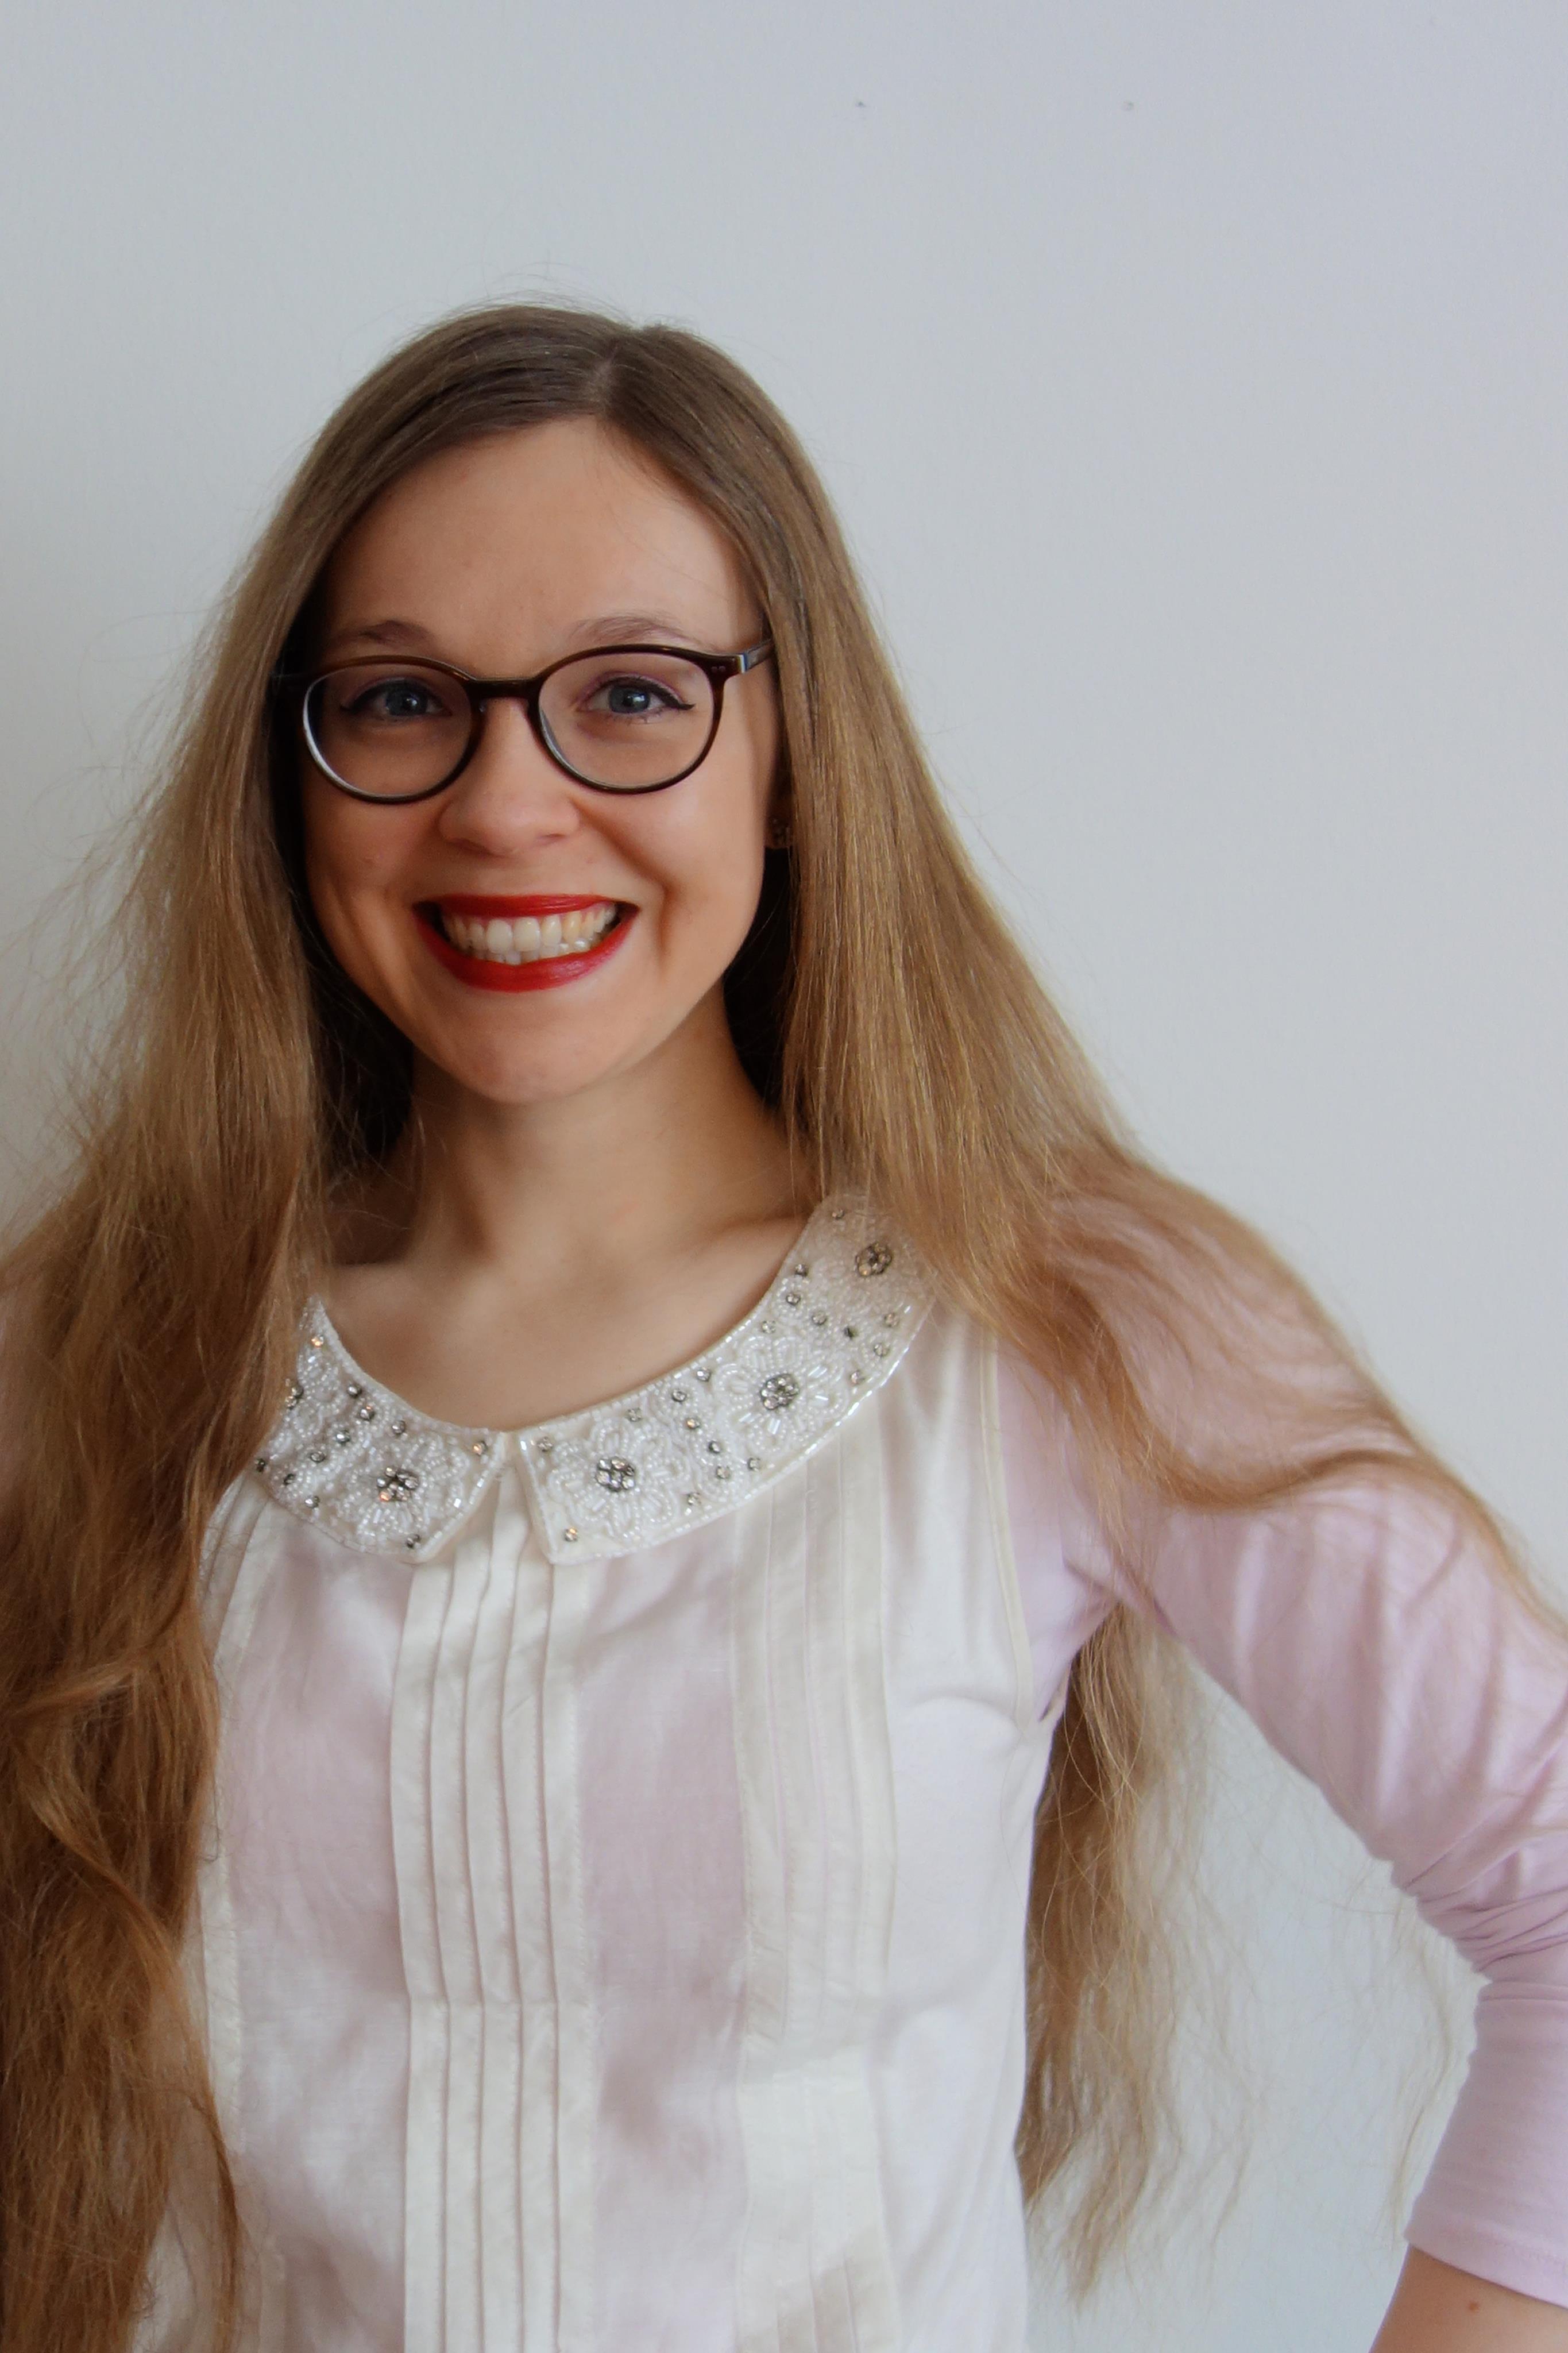 Simone Bauer: Wenn ich etwas cool finde, teile ich es gerne mit meinem Netzwerk